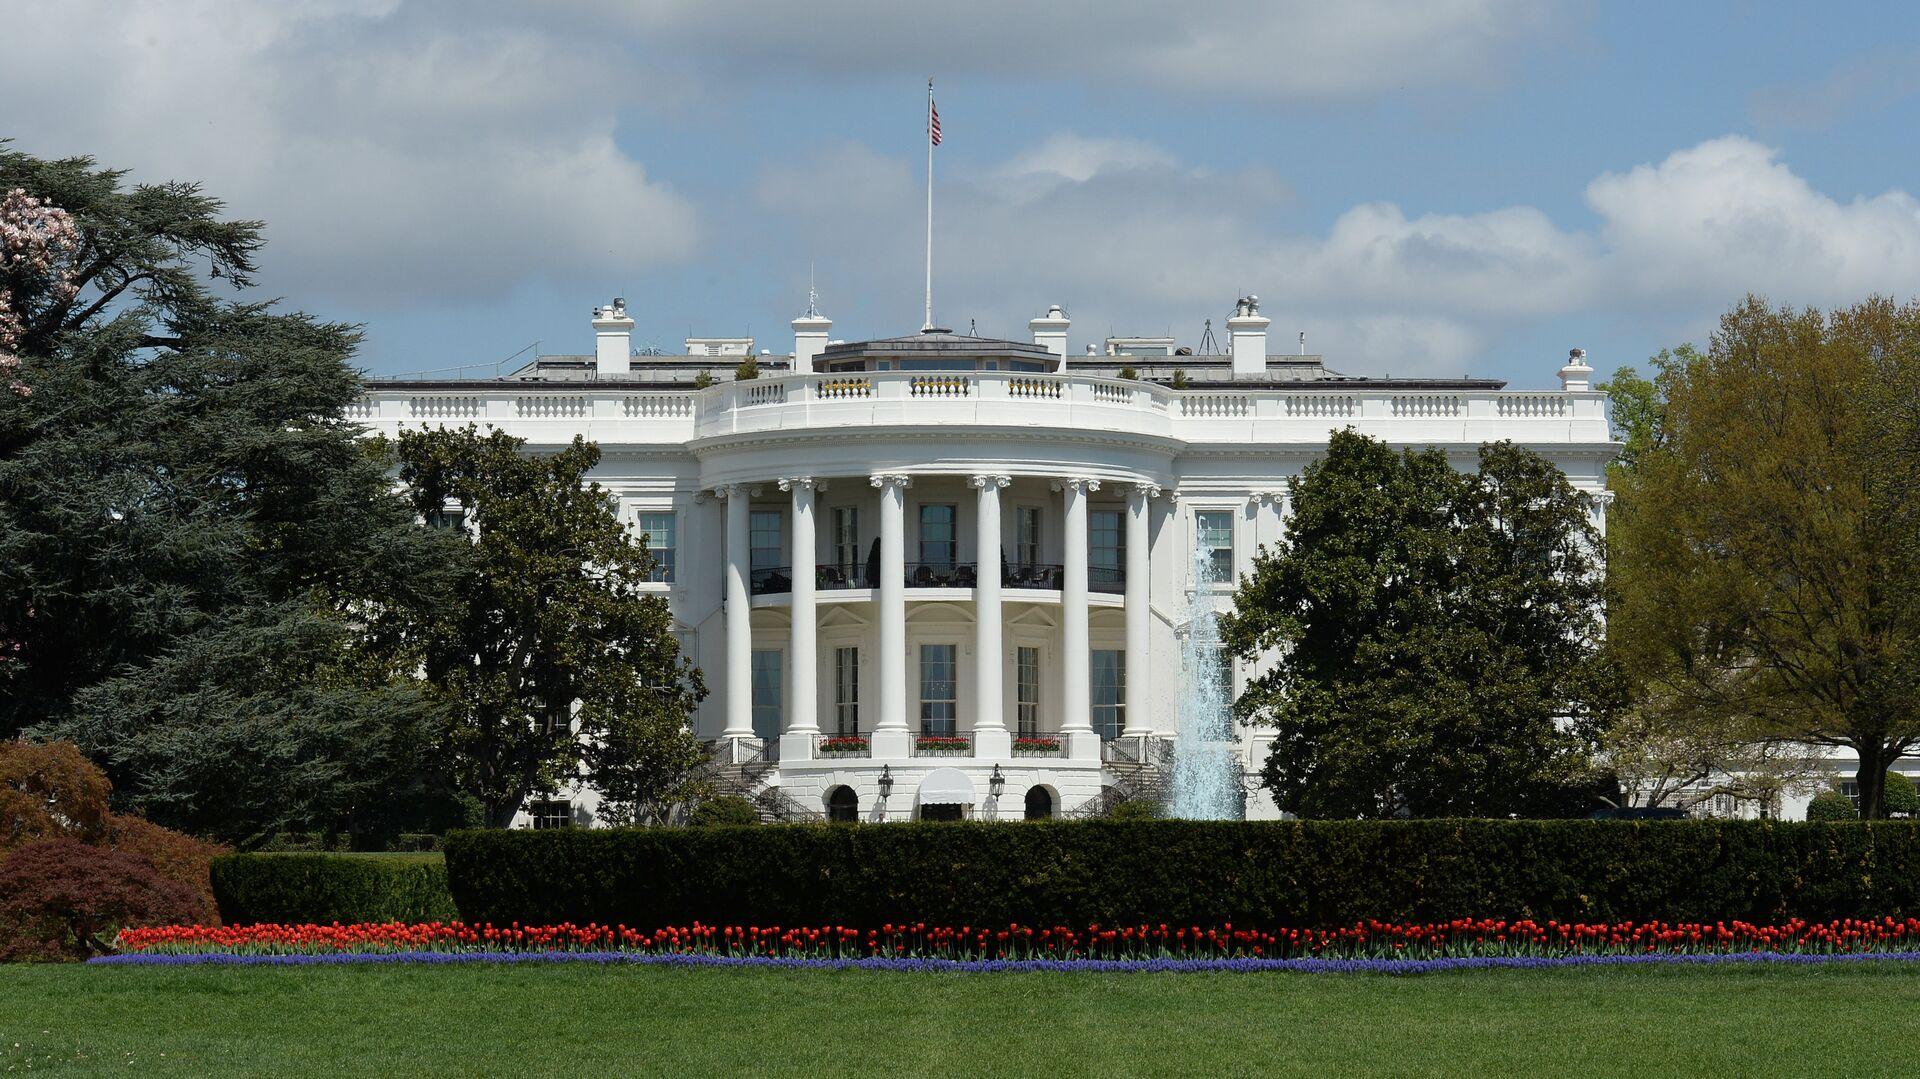 Здание Белого дома в Вашингтоне, США - РИА Новости, 1920, 20.06.2021